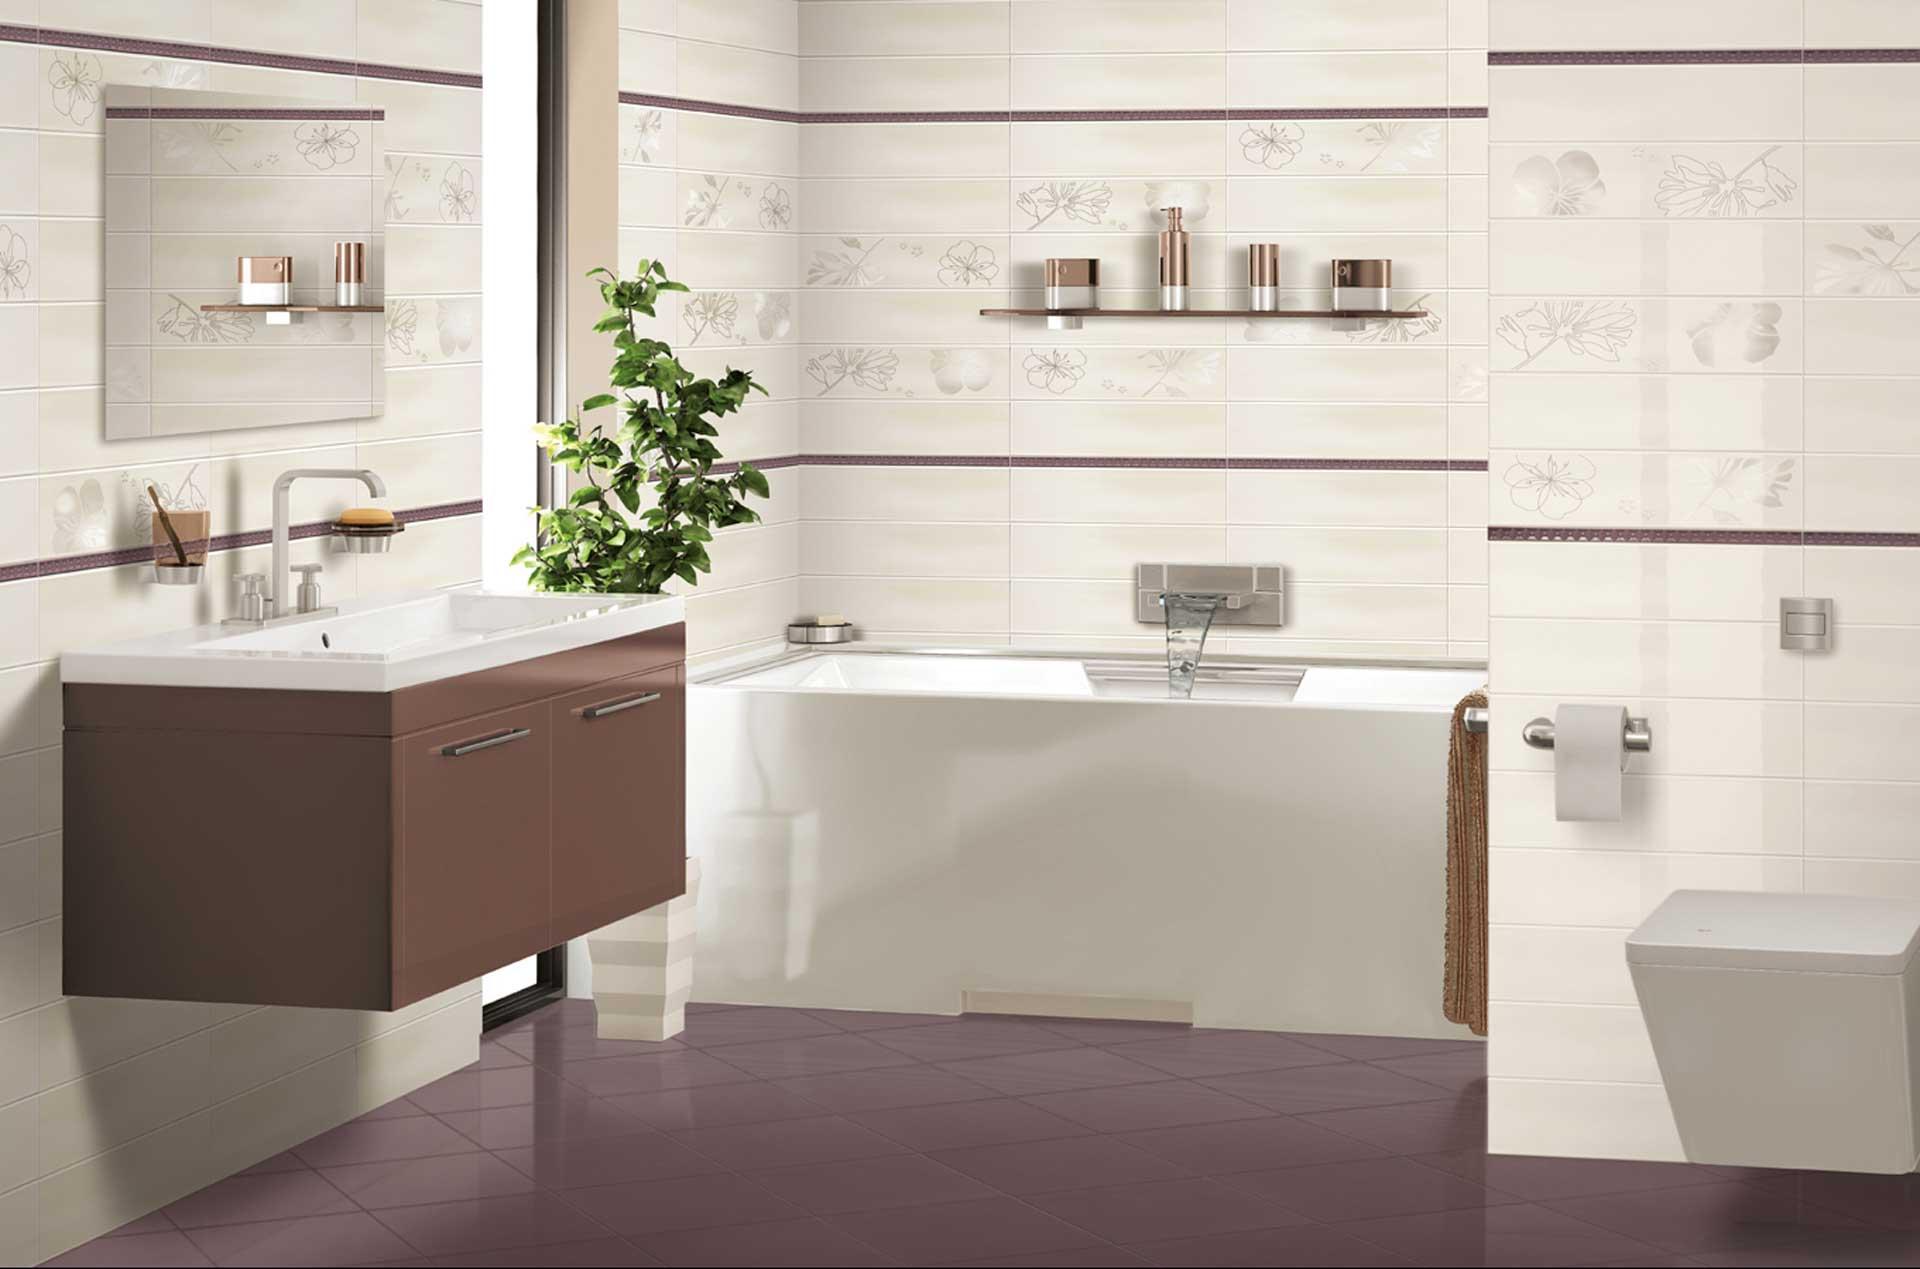 Rivestimenti bagno orsolini e collezione tentazioni di cir - Rivestimenti bagno design ...